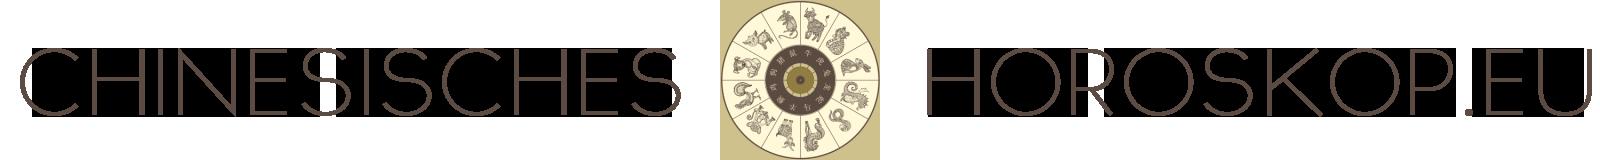 chinesisches astrologie und sternzeichen 2017 jahr des. Black Bedroom Furniture Sets. Home Design Ideas